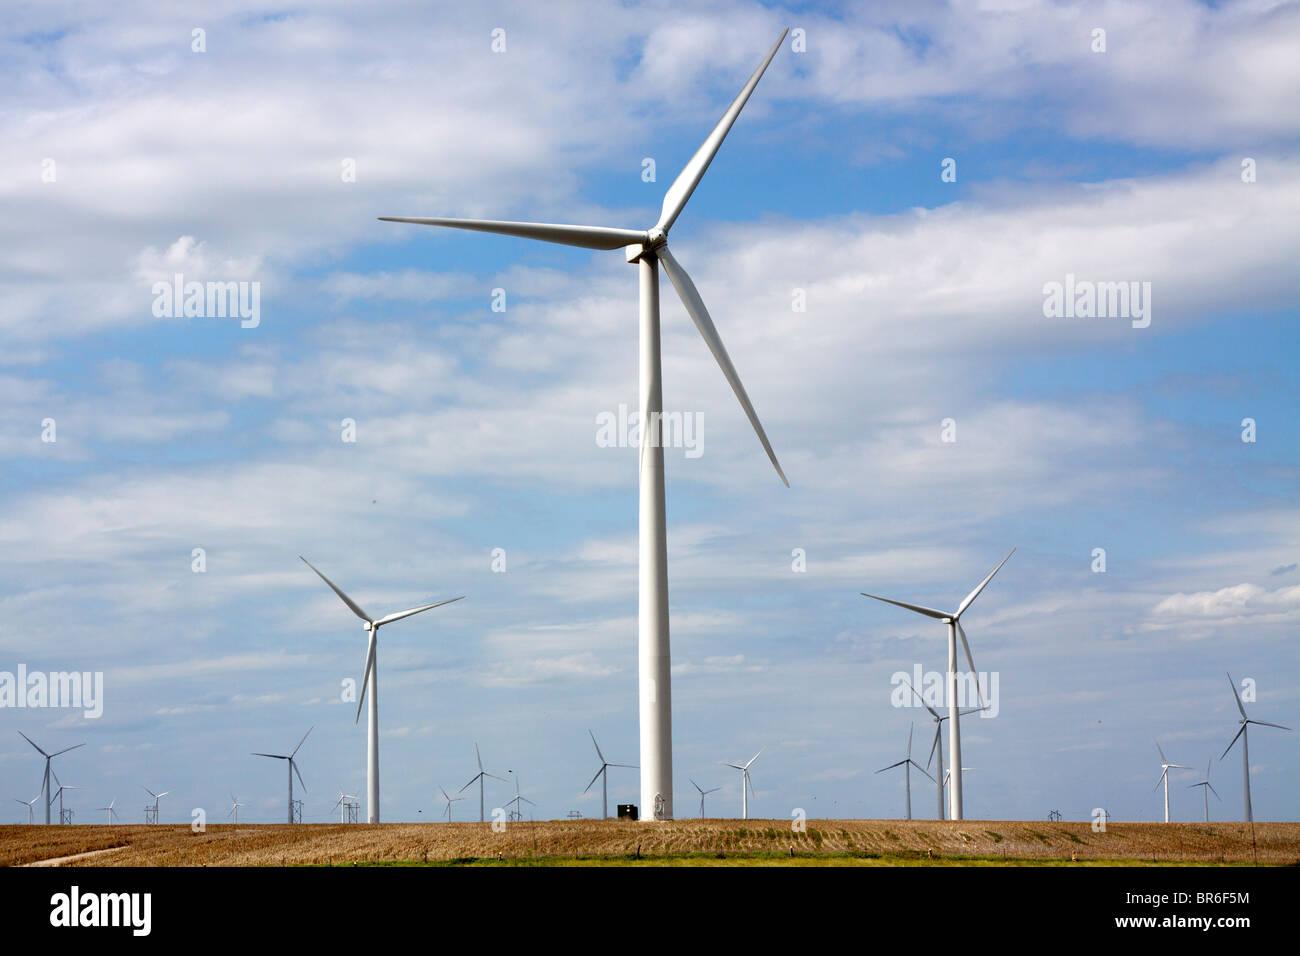 Windkraftanlagen Sie in der Nähe von Wichita, Kansas, 9. Mai 2010. Stockbild